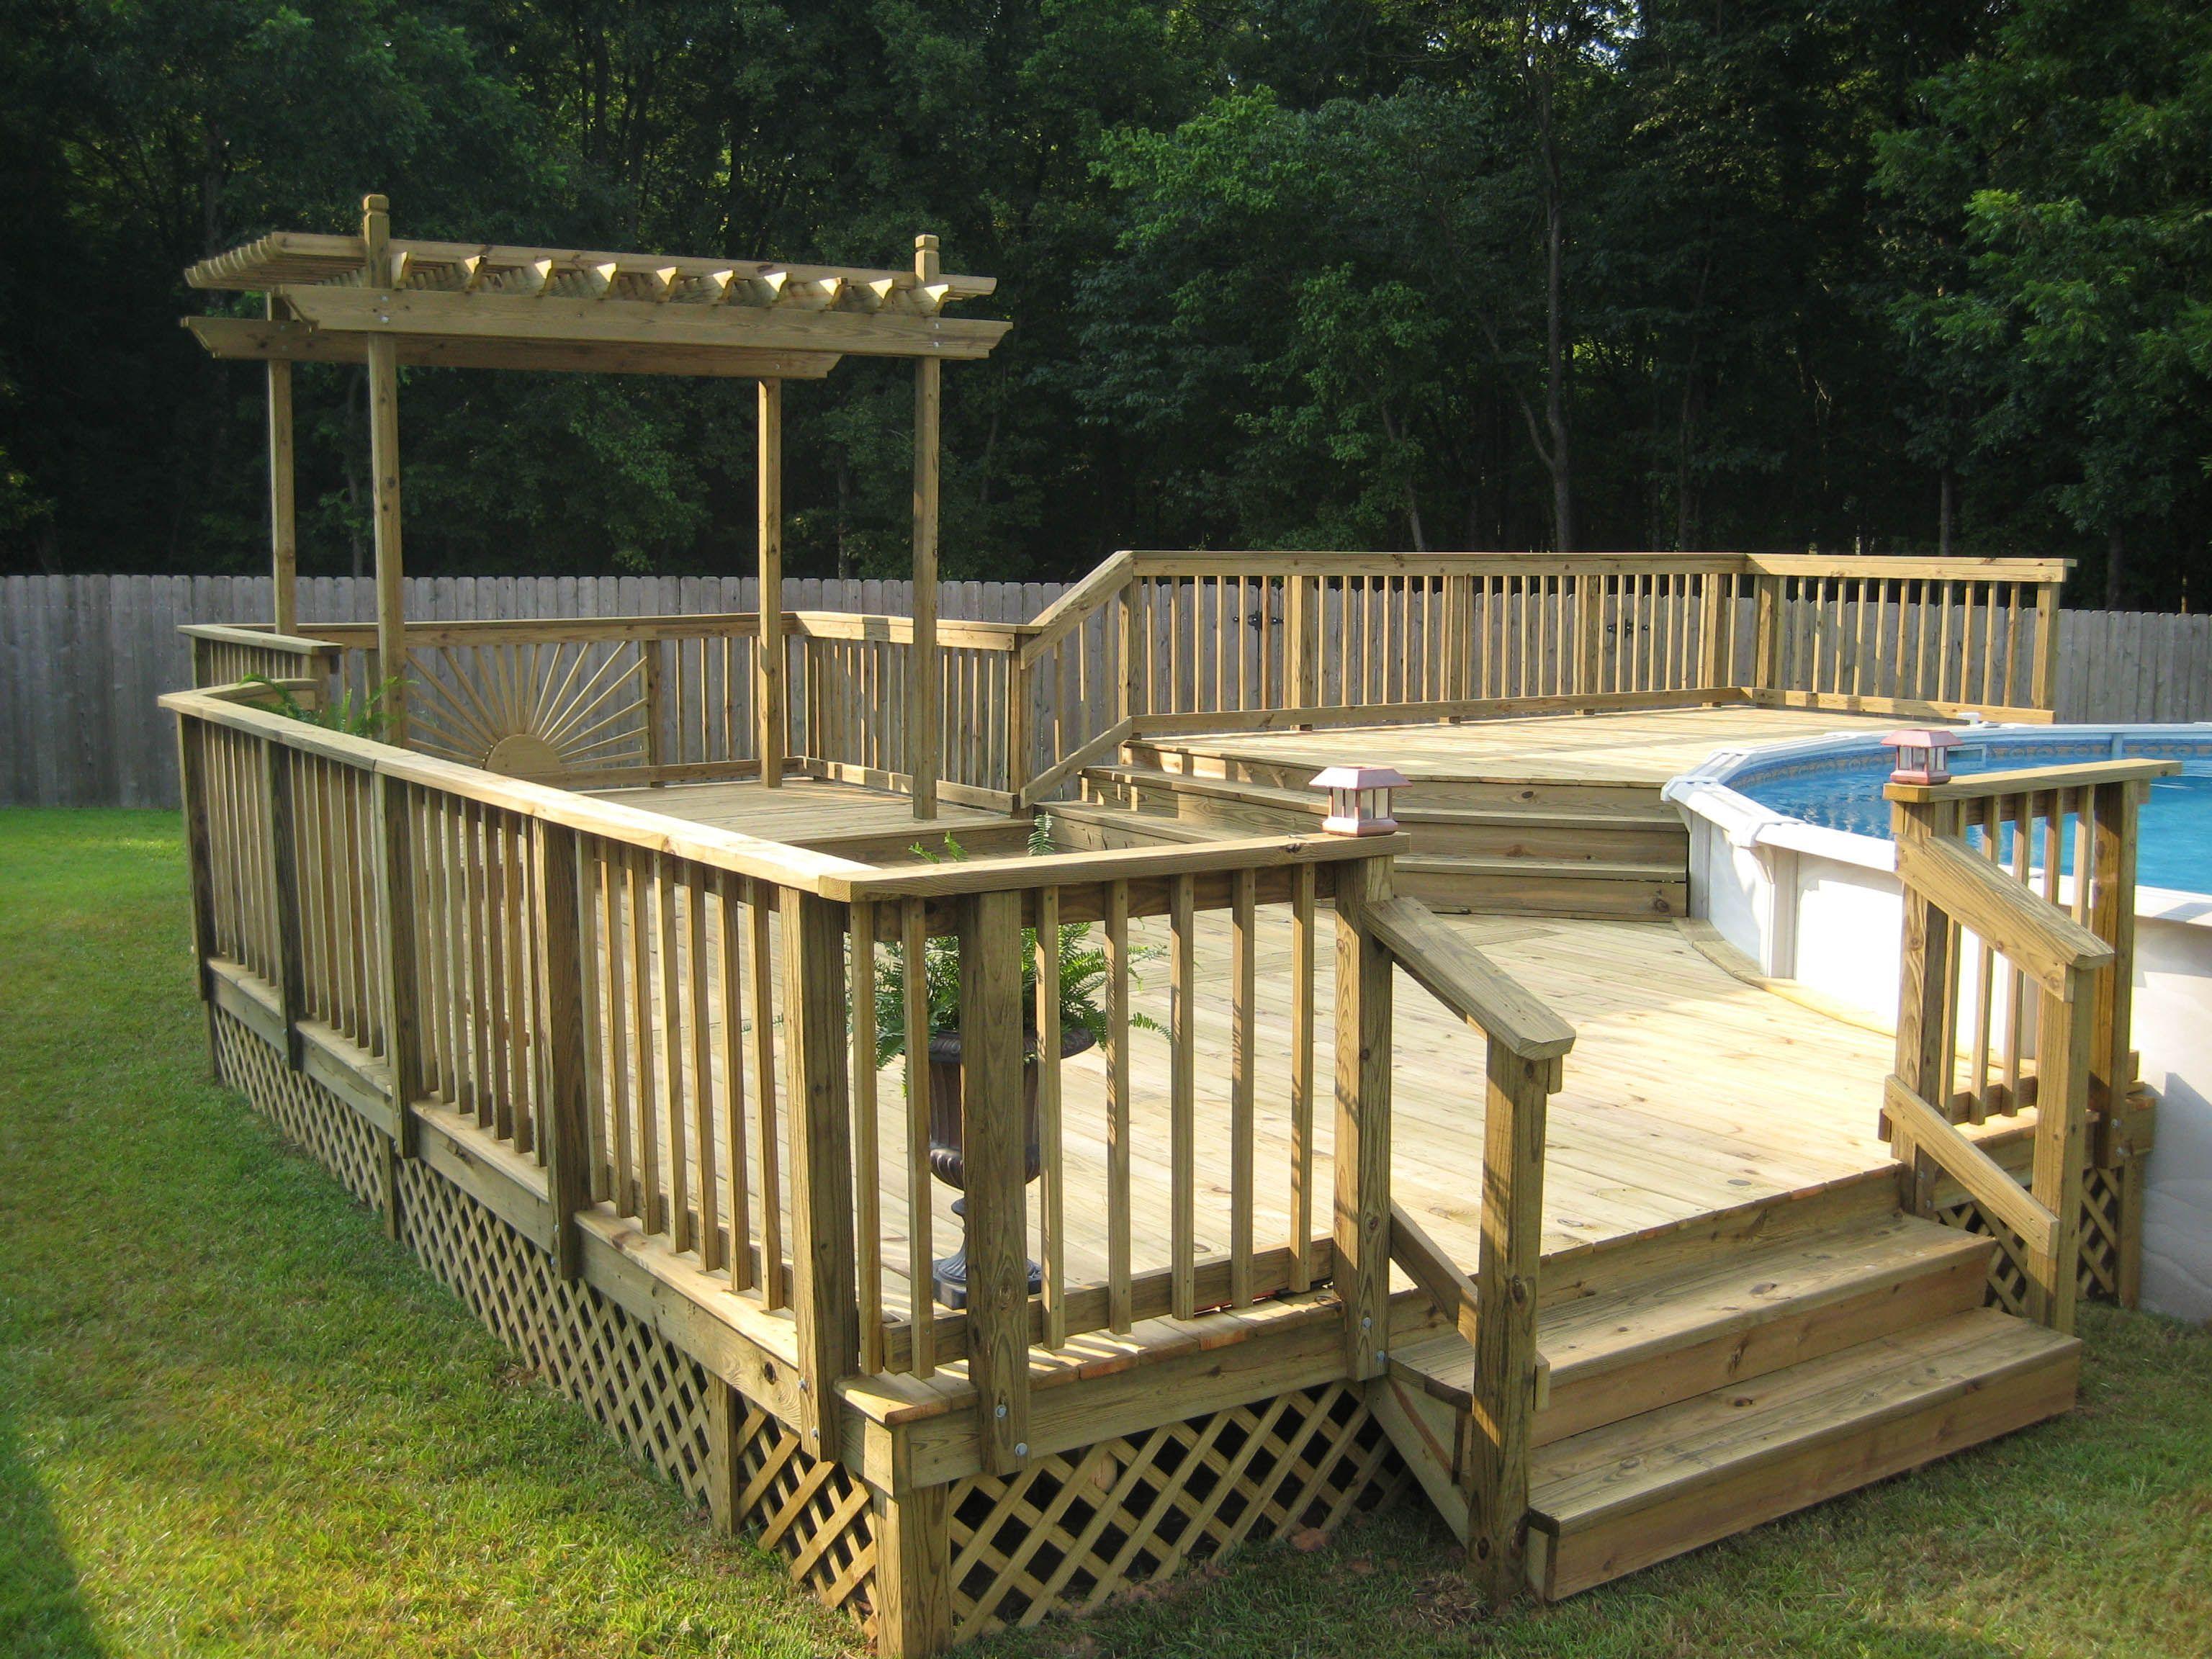 deck wiht pool pictures - Bing Images  Garden  Pinterest